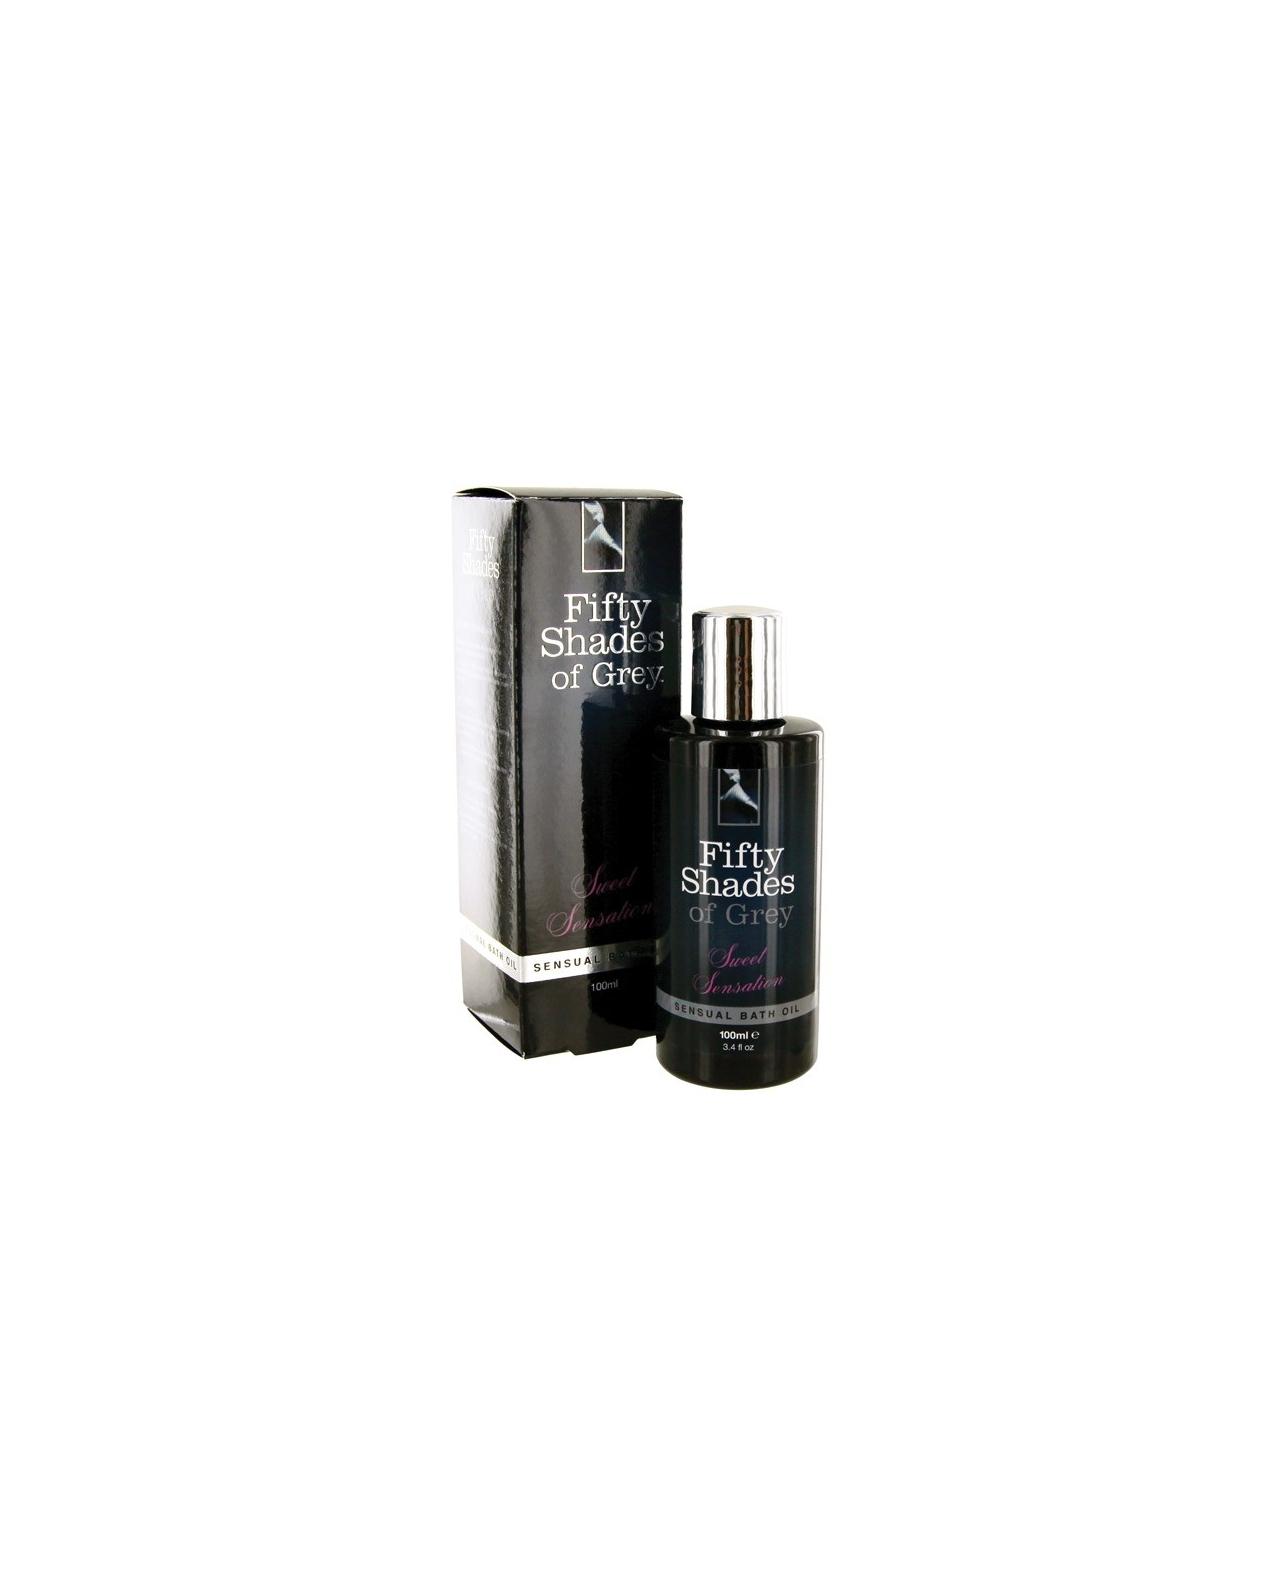 Fifty Shades of Grey Sweet Sensation Sensual Bath Oil - 3.4 oz